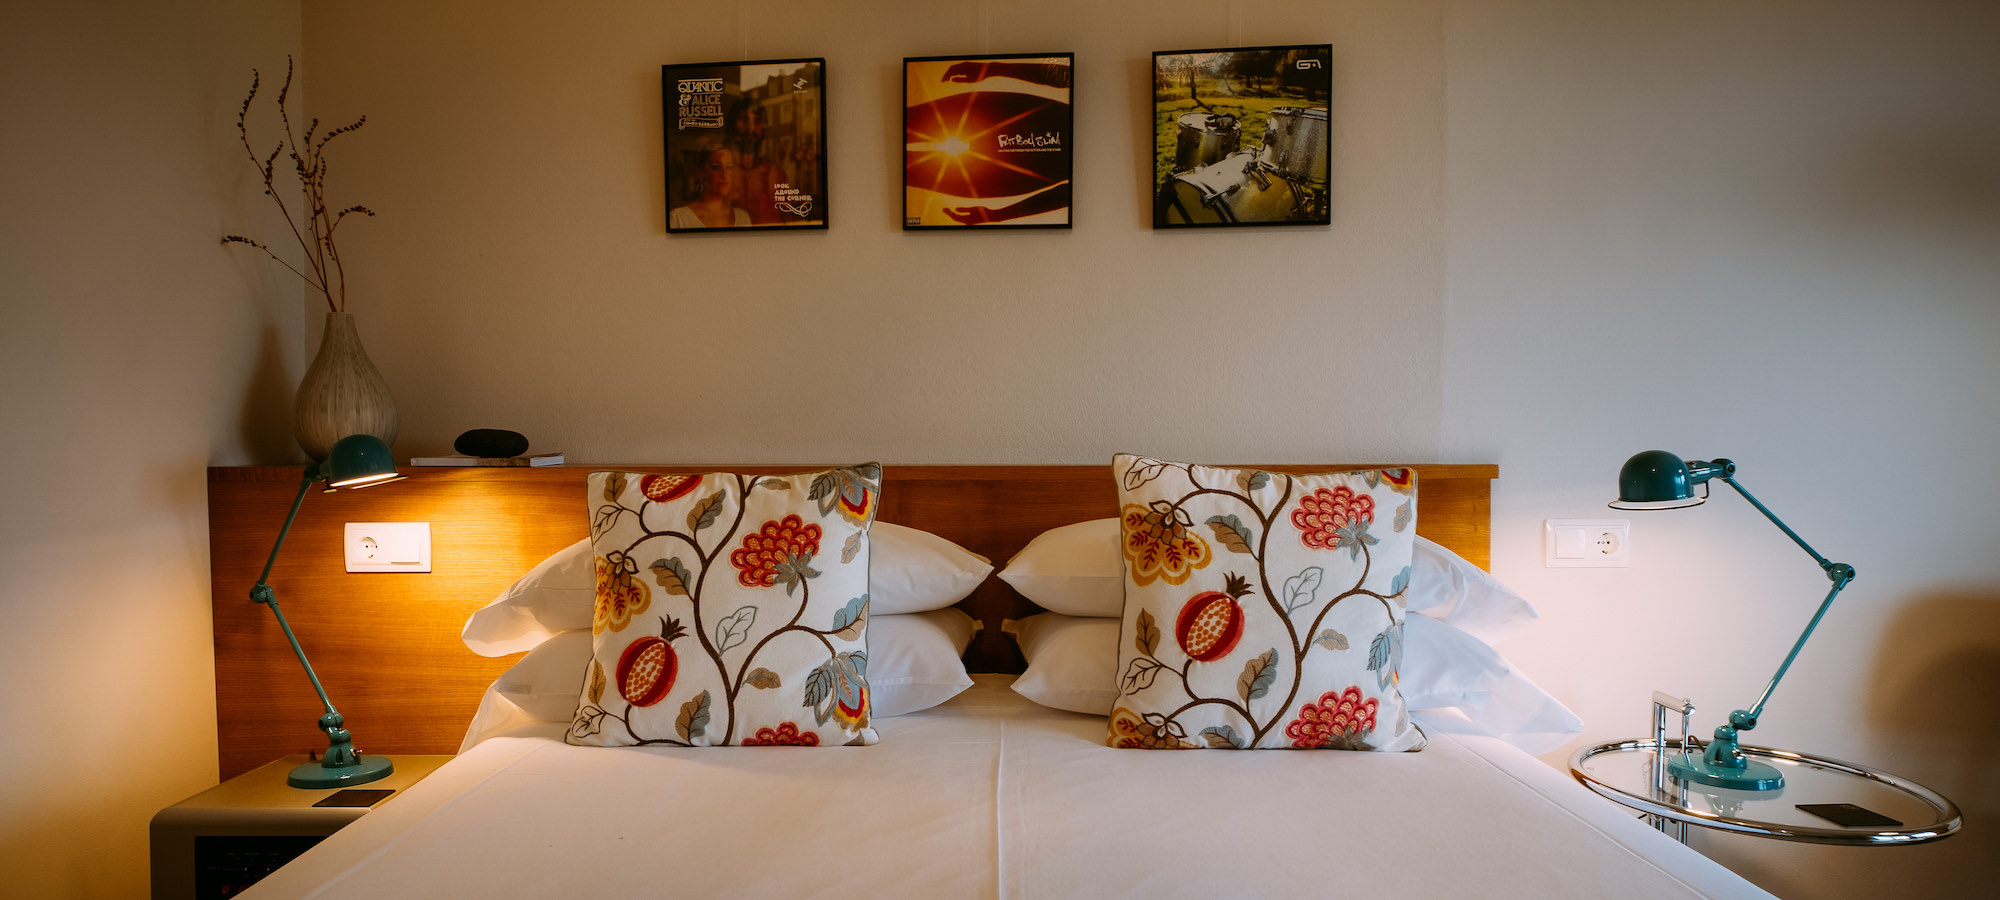 el gran sueño terraza habitación cama